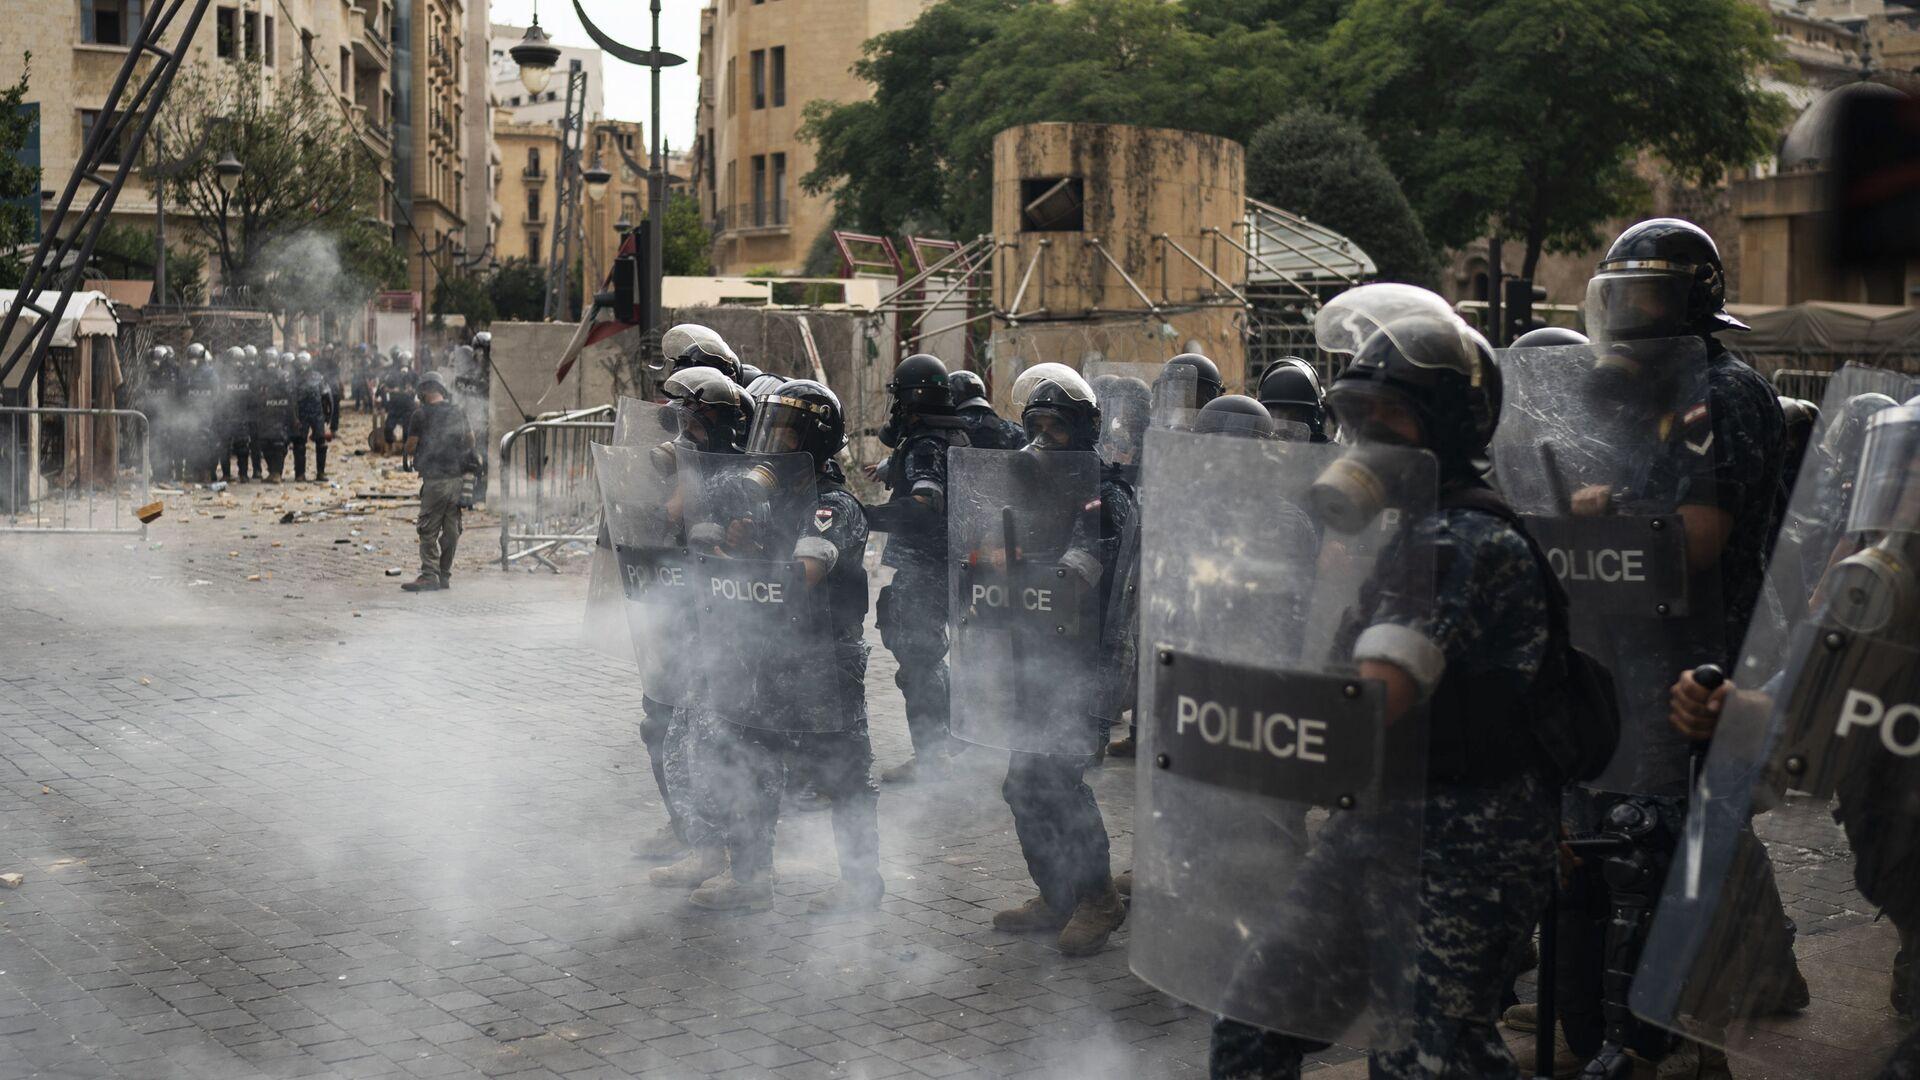 Masowe starcia demonstrantów i policji w Bejrucie, Liban - Sputnik Polska, 1920, 17.07.2021